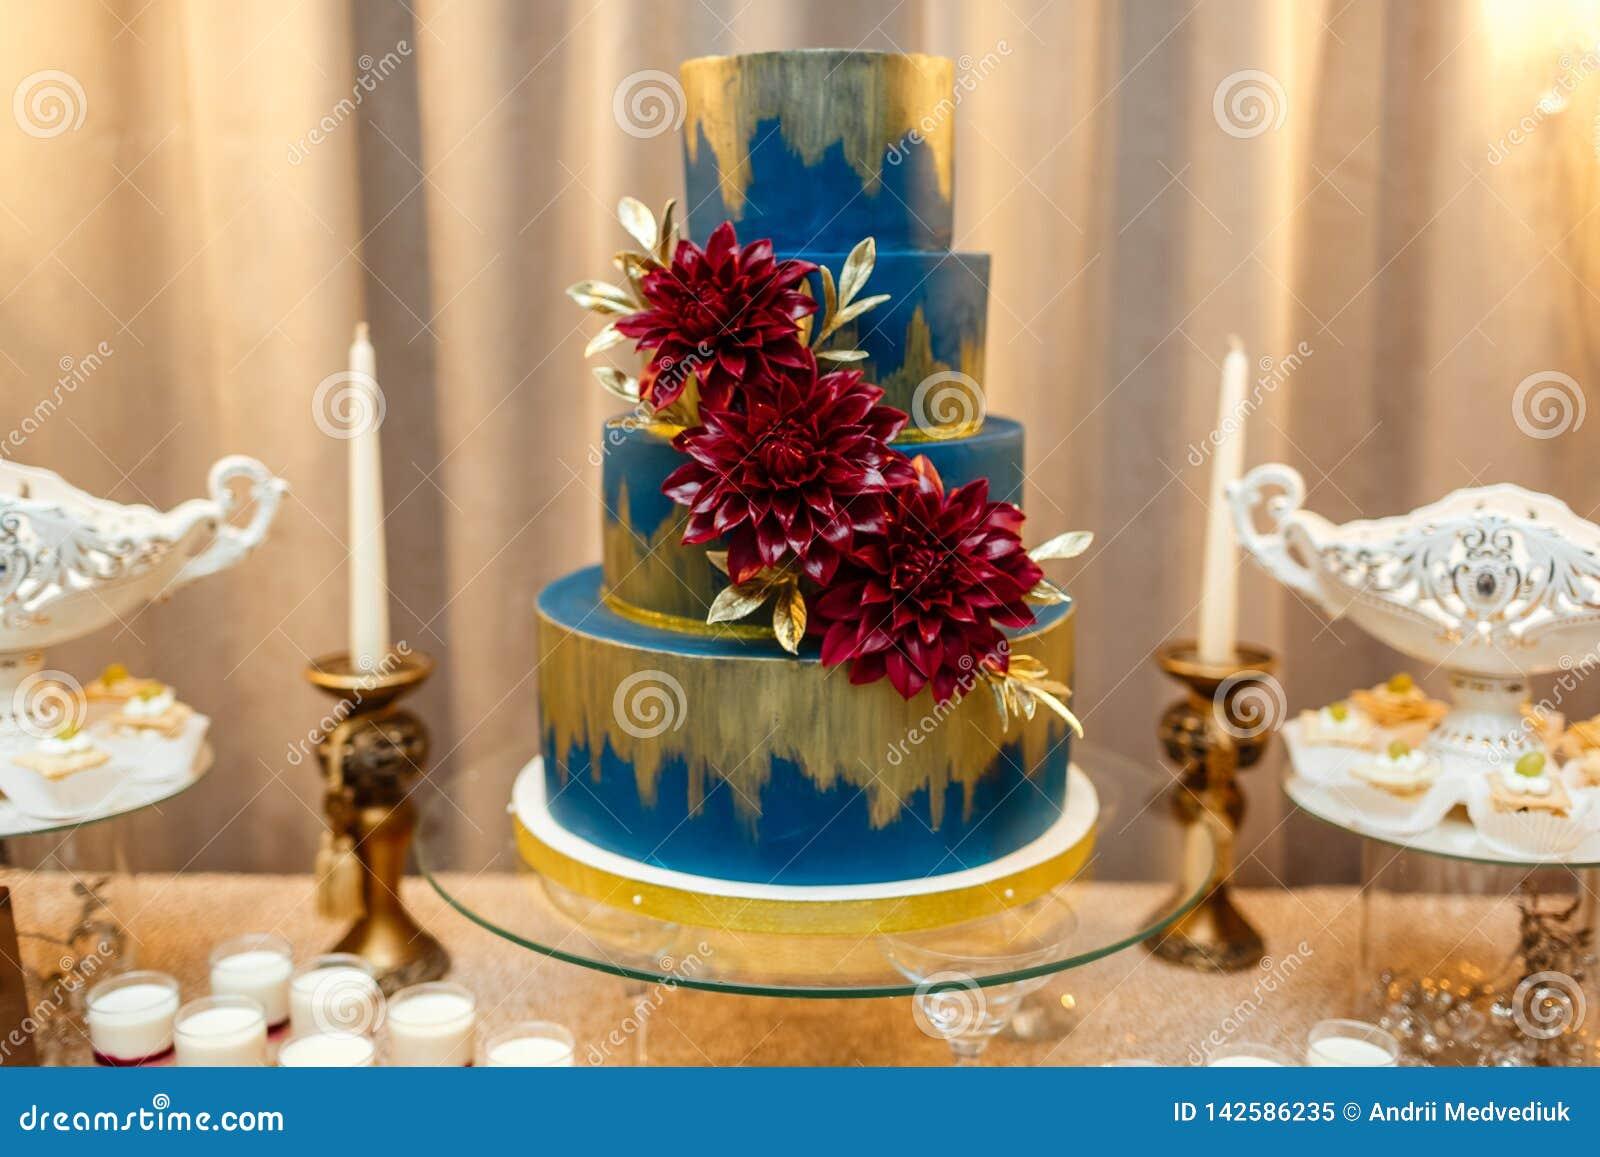 Bolo de casamento azul decorado estar das flores da tabela festiva com desertos, tartlet da morango e queques casamento